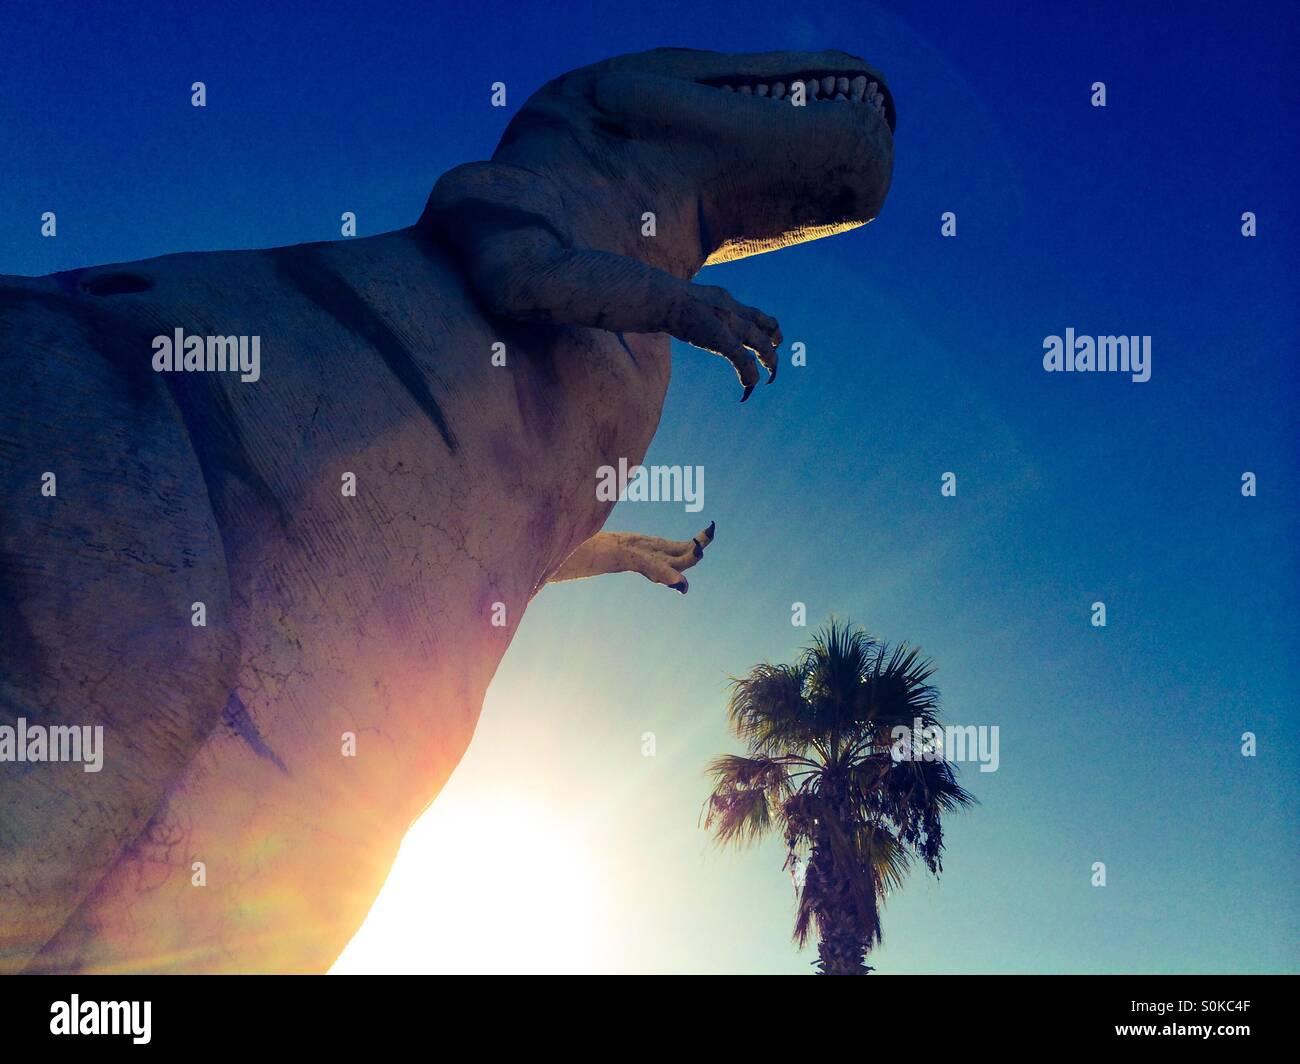 Dinosaure T Rex roadside attraction le long de l'autoroute à Cabazon, près de Palm Springs en Californie. Photo Stock